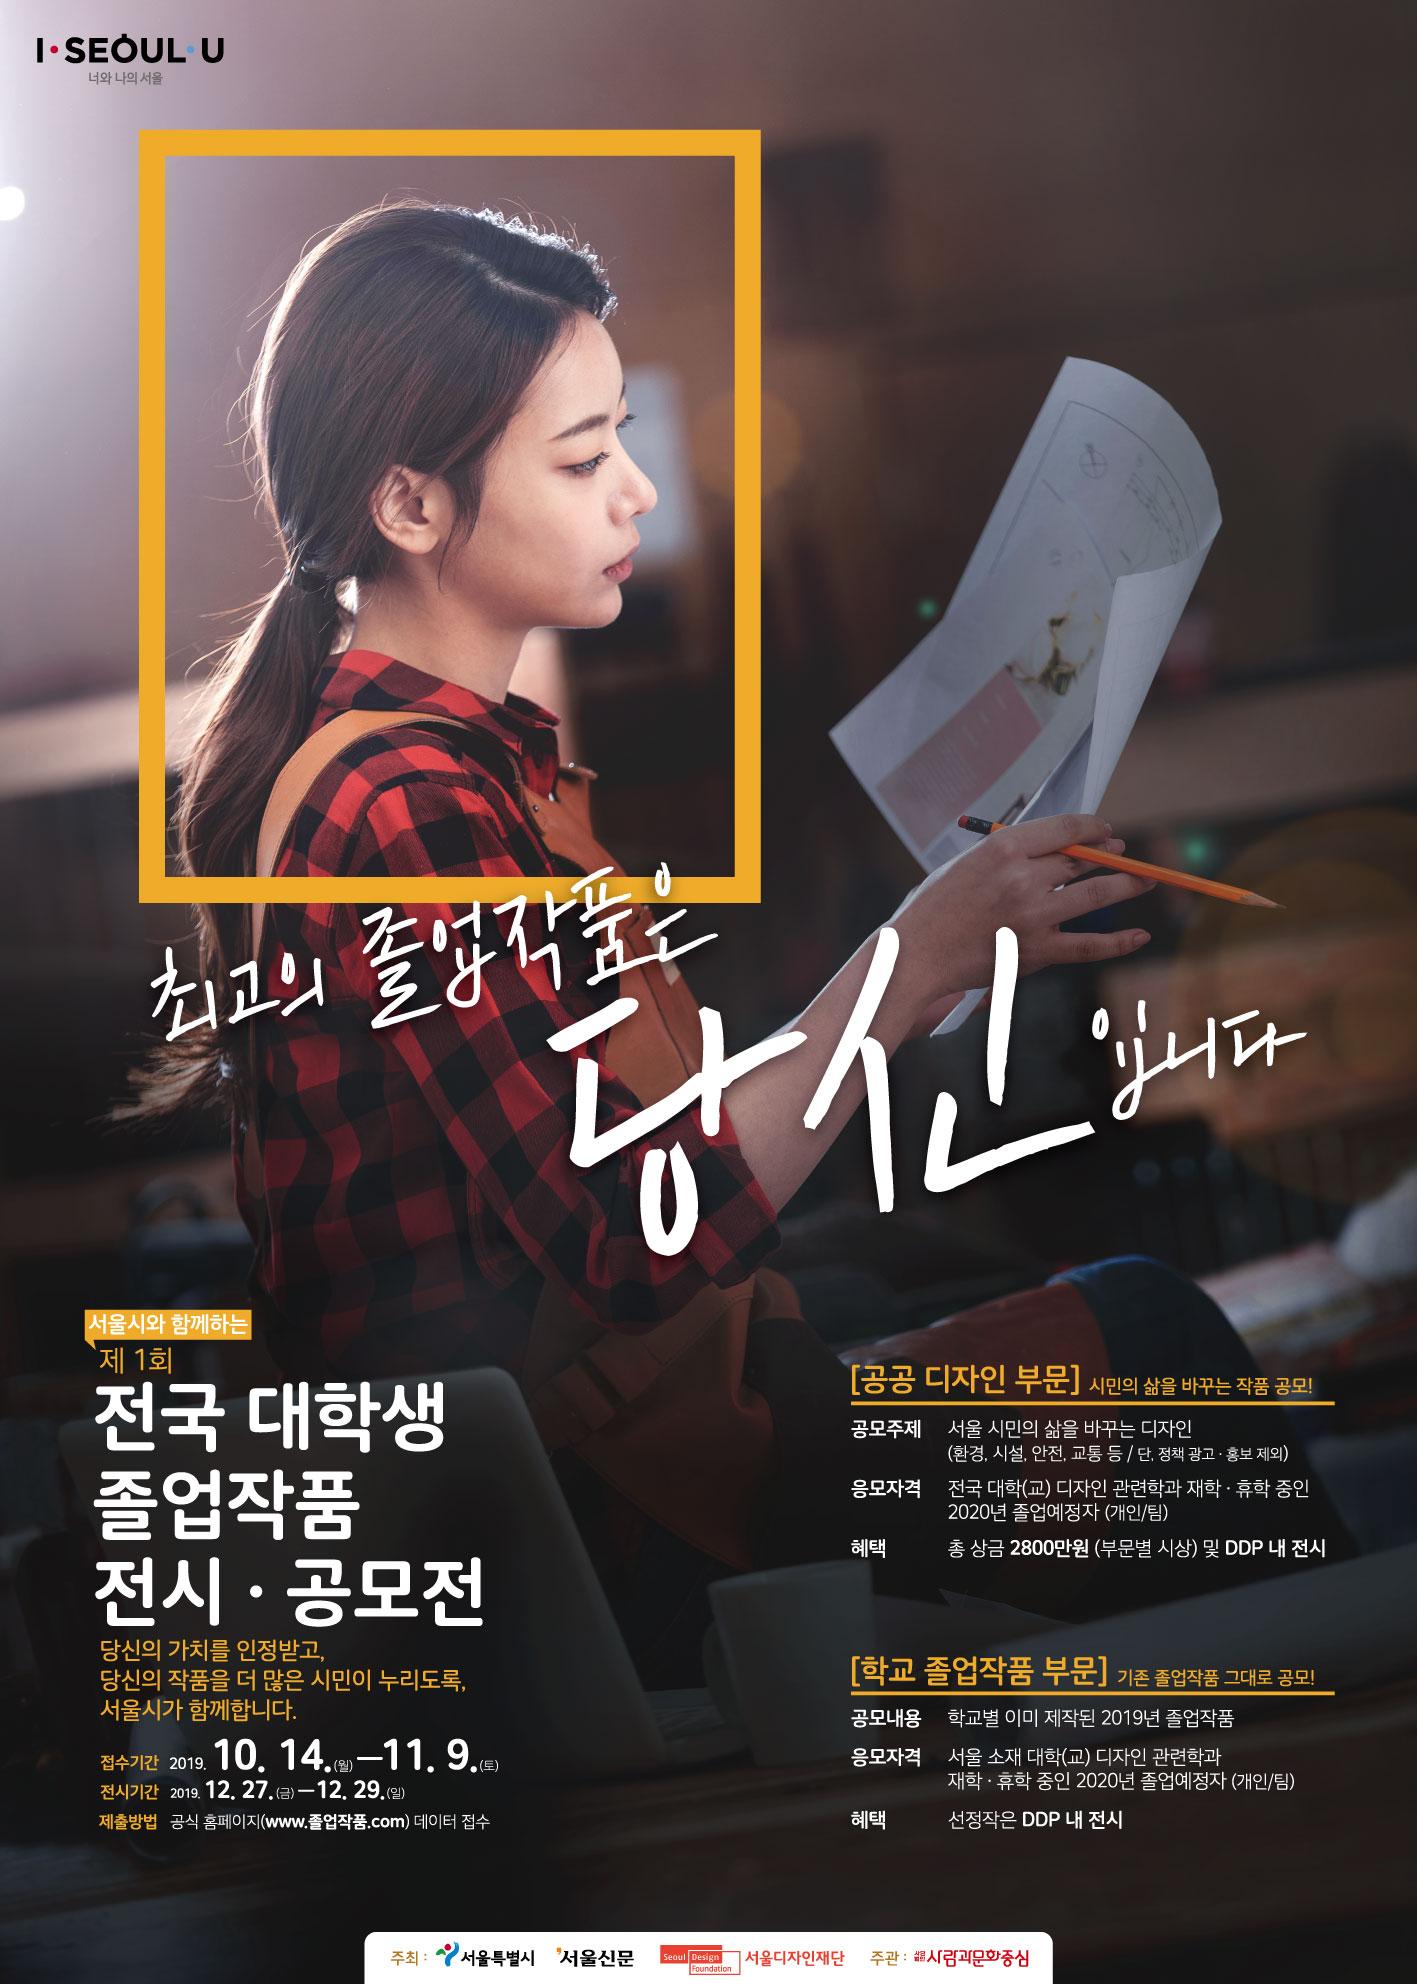 서울시와 함께하는 제1회 전국 대학생 졸업작품 전시·공모전